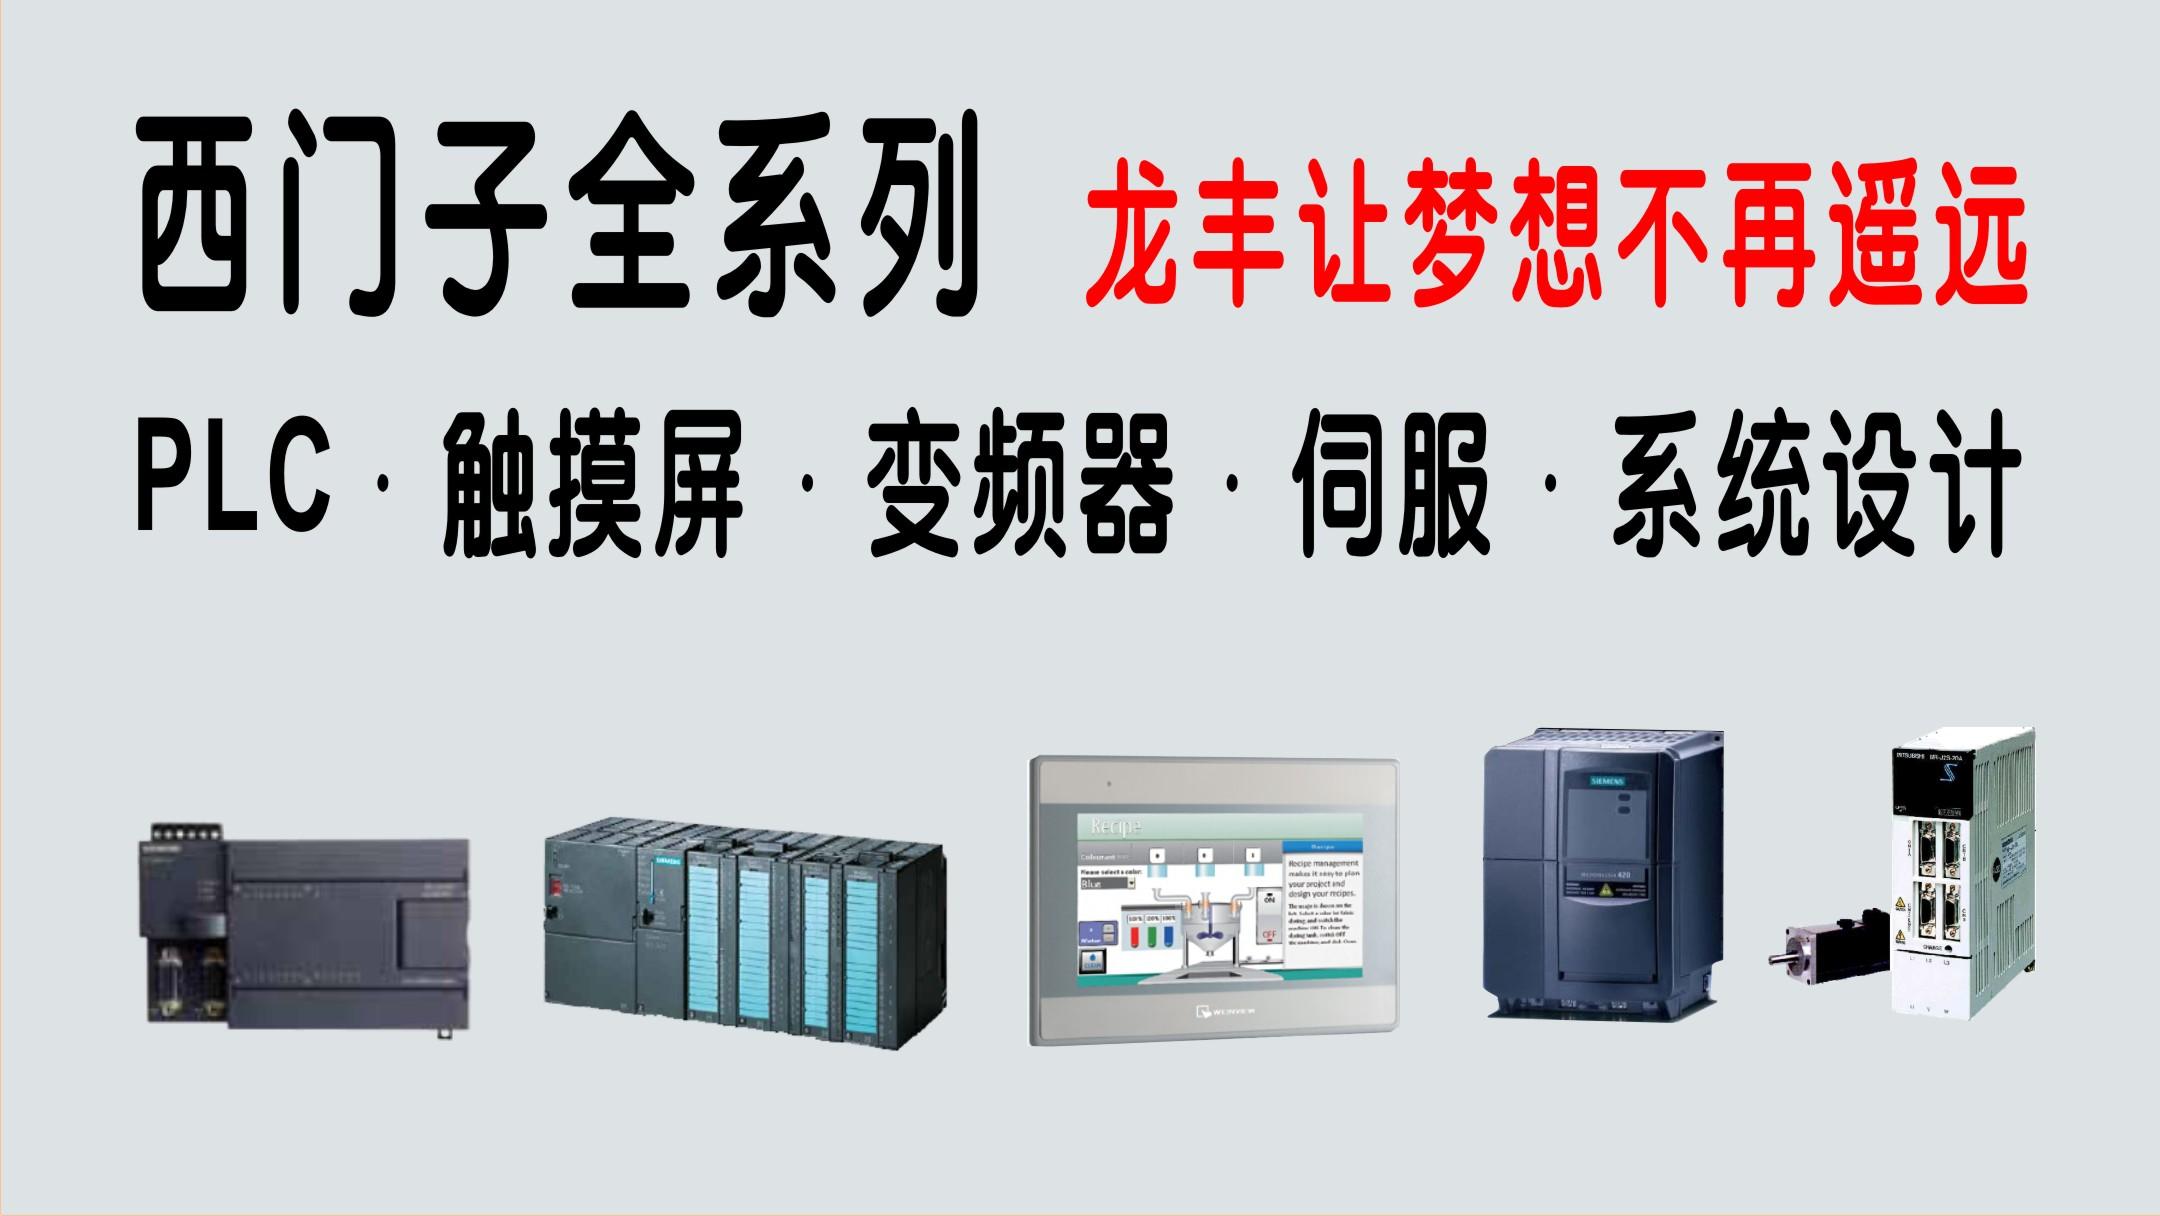 西门子S7-200/300PLC编程WINCC等综合学习【龙丰自动化培训中心】